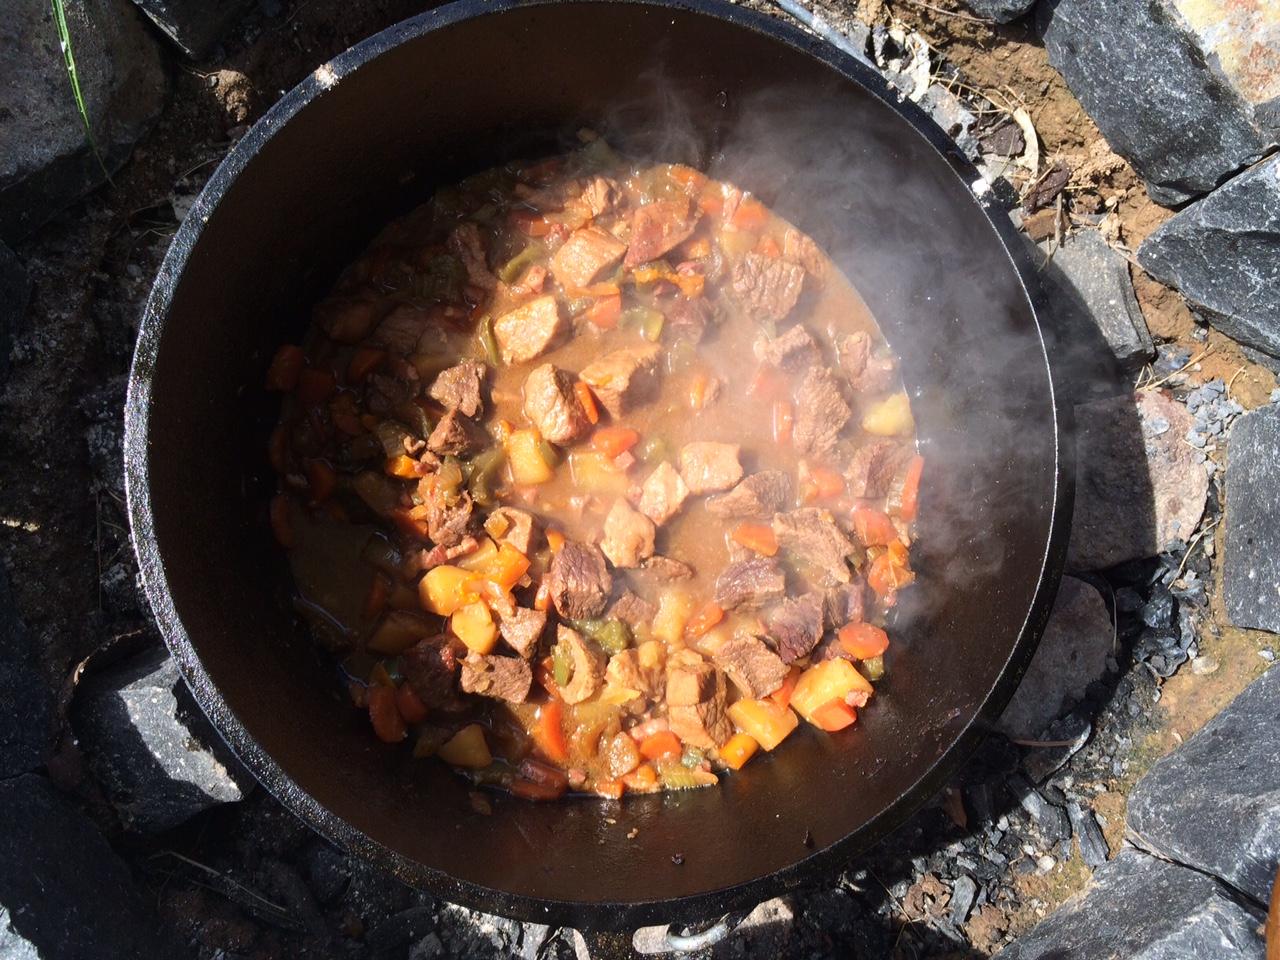 Camping Kochbuch Outdoorküche : Outdoor küche archive seite 3 von 3 matsch&piste